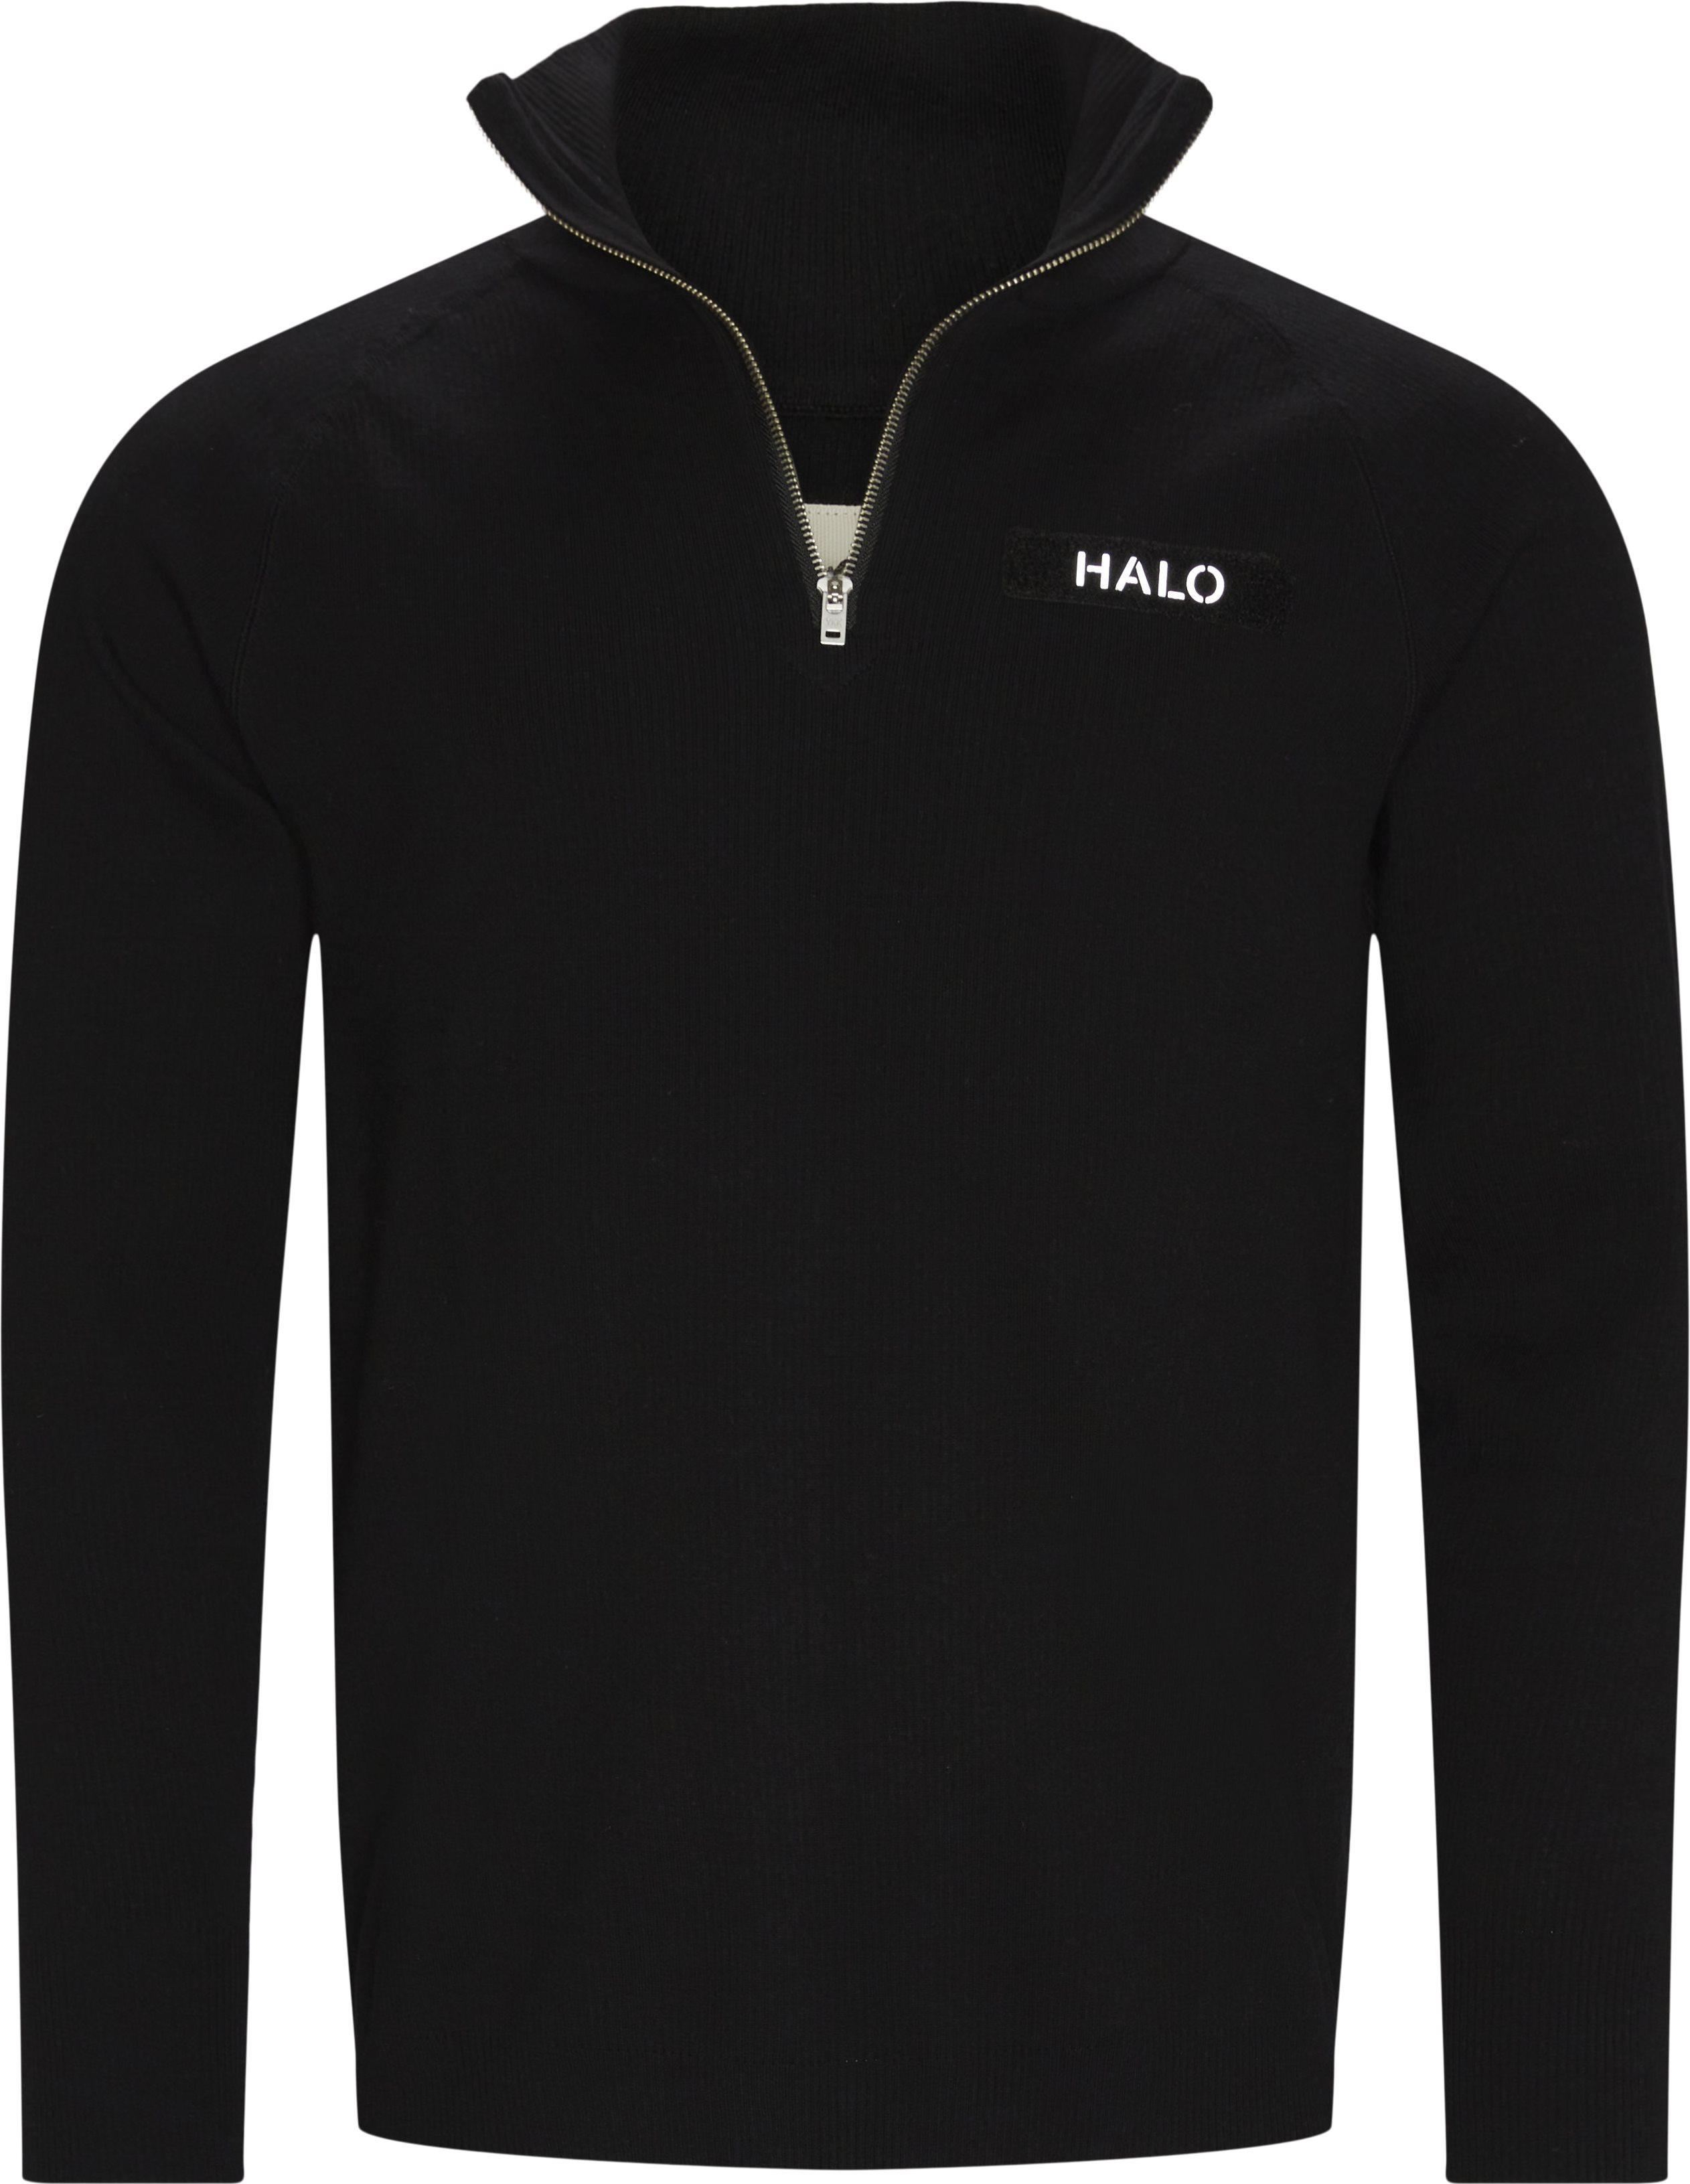 Half Zip Sweatshirt - Sweatshirts - Regular fit - Svart